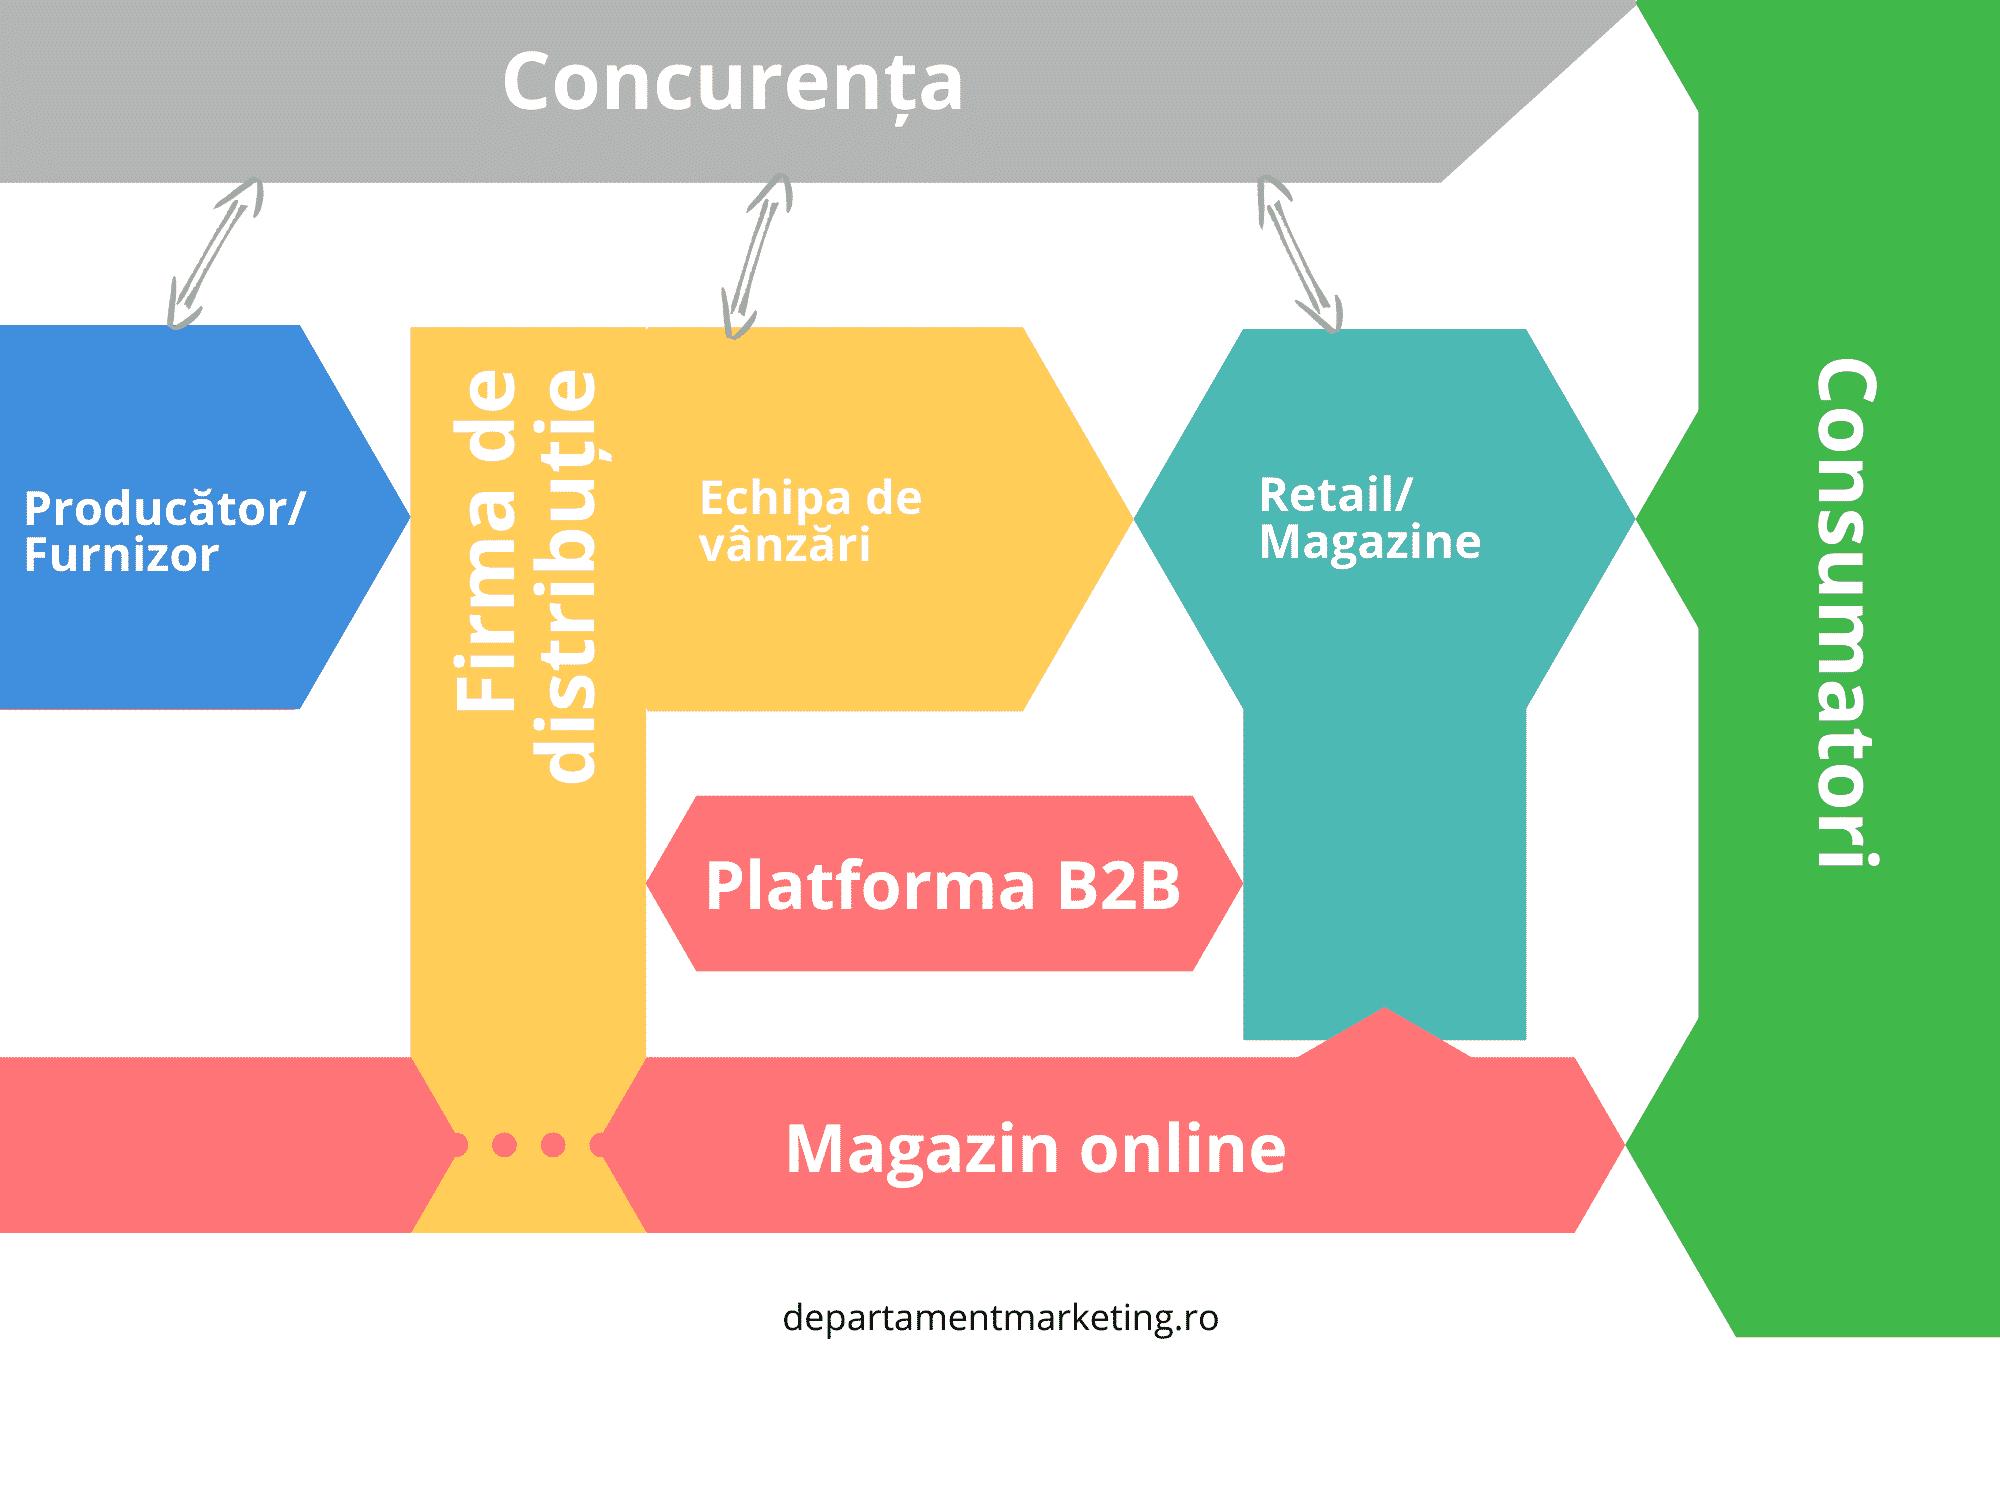 Strategii de marketing pentru distribuție (1)